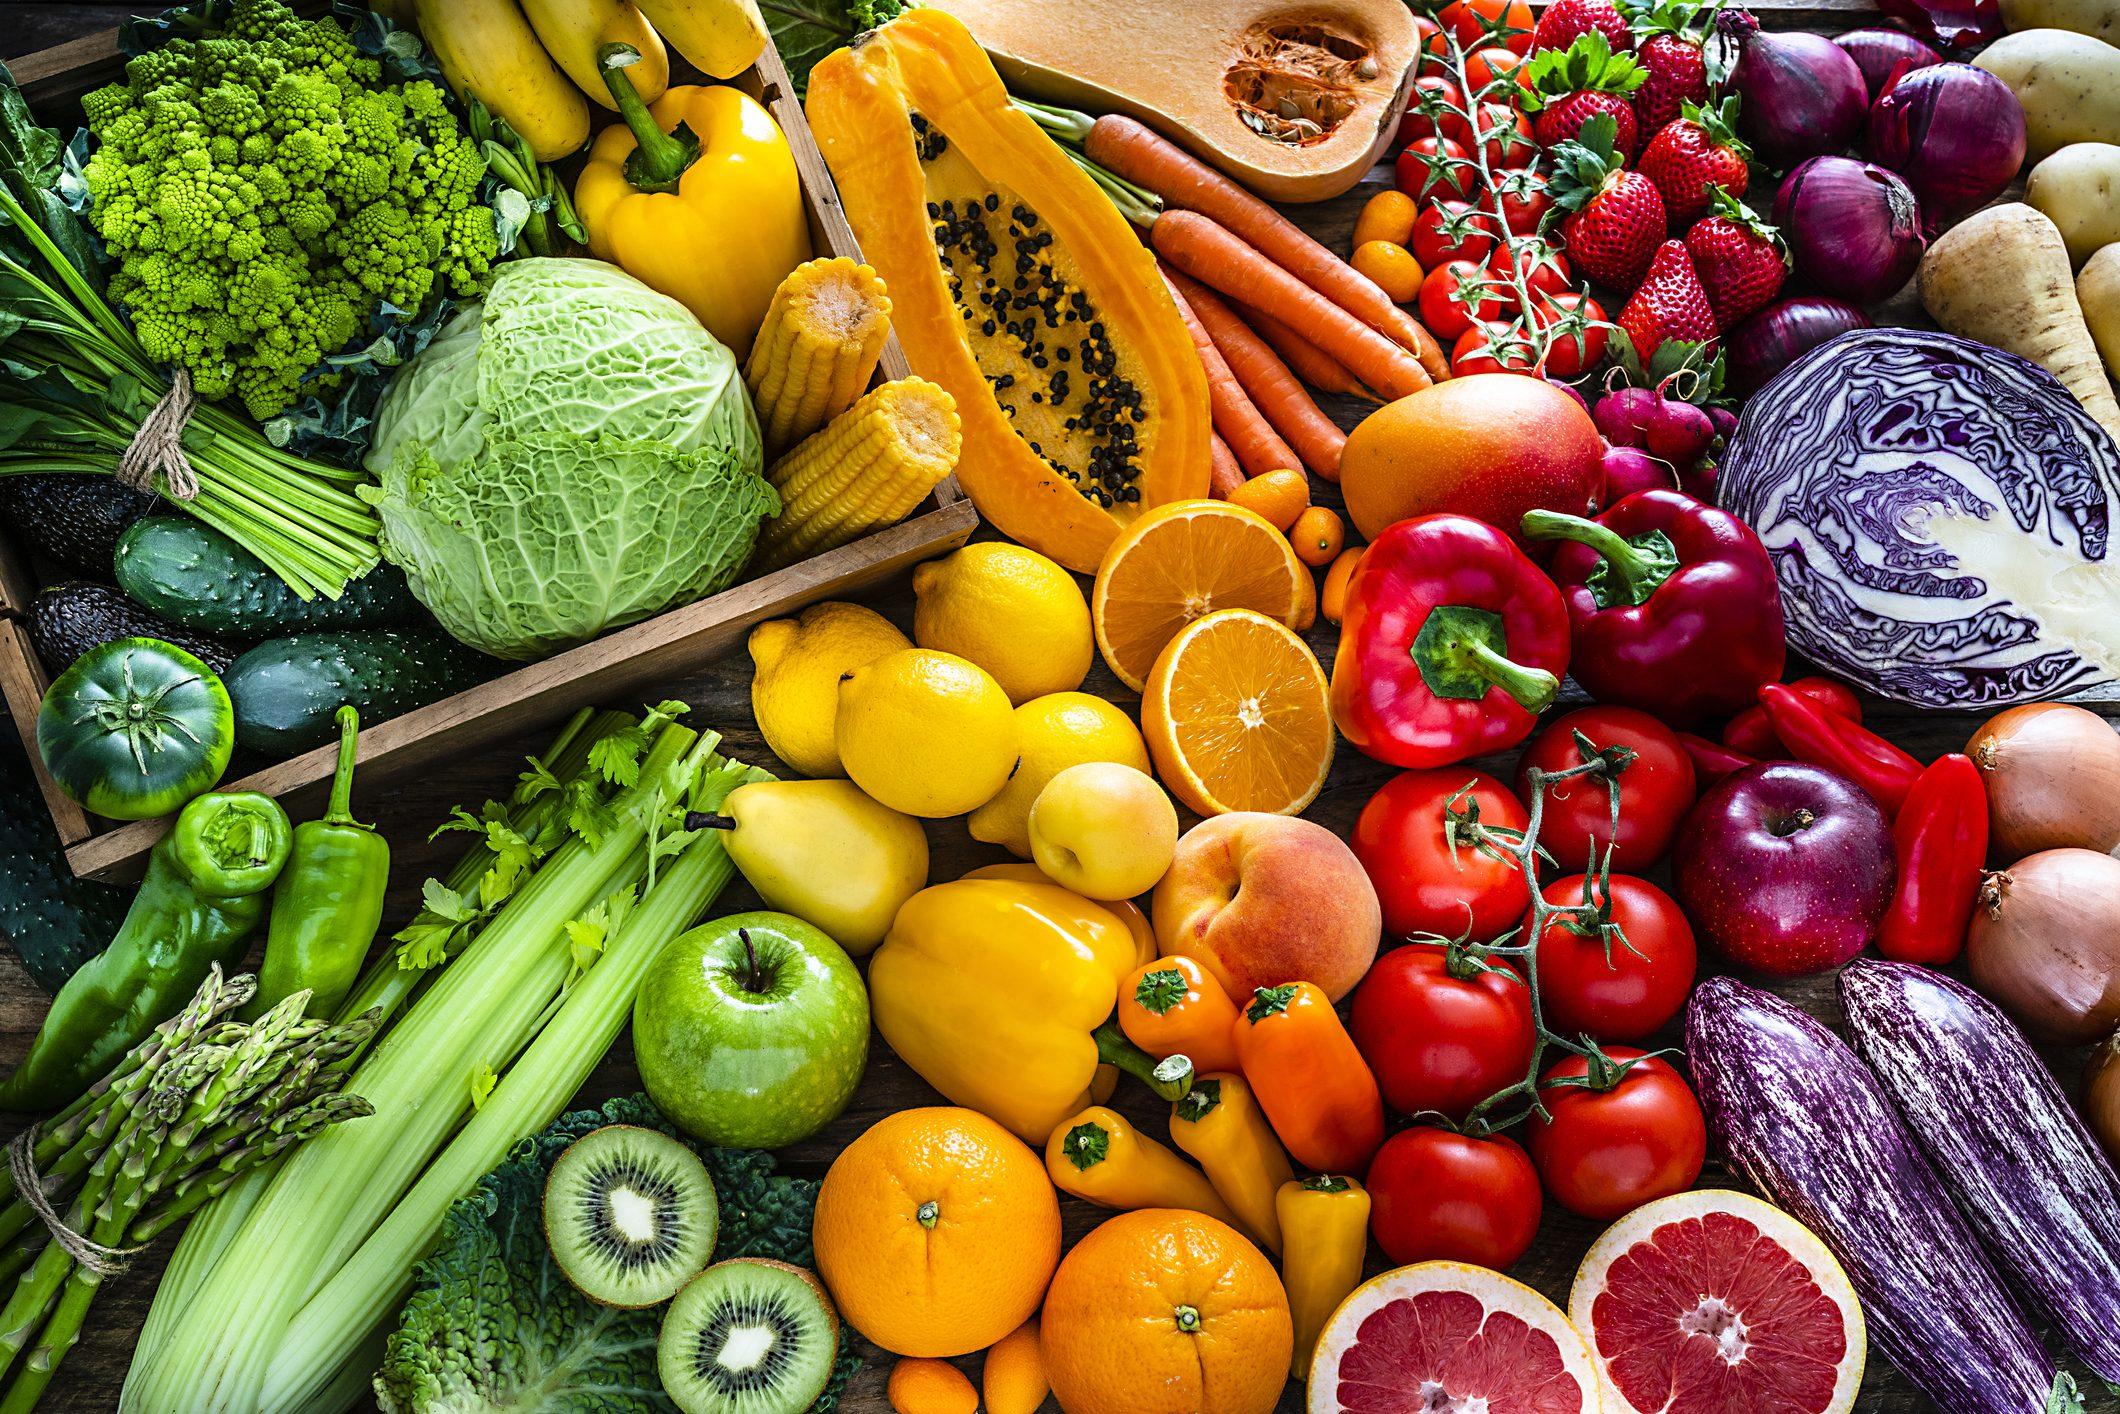 Fao, il 2021 è l'anno internazionale di frutta e verdura: ecco perché è così importante